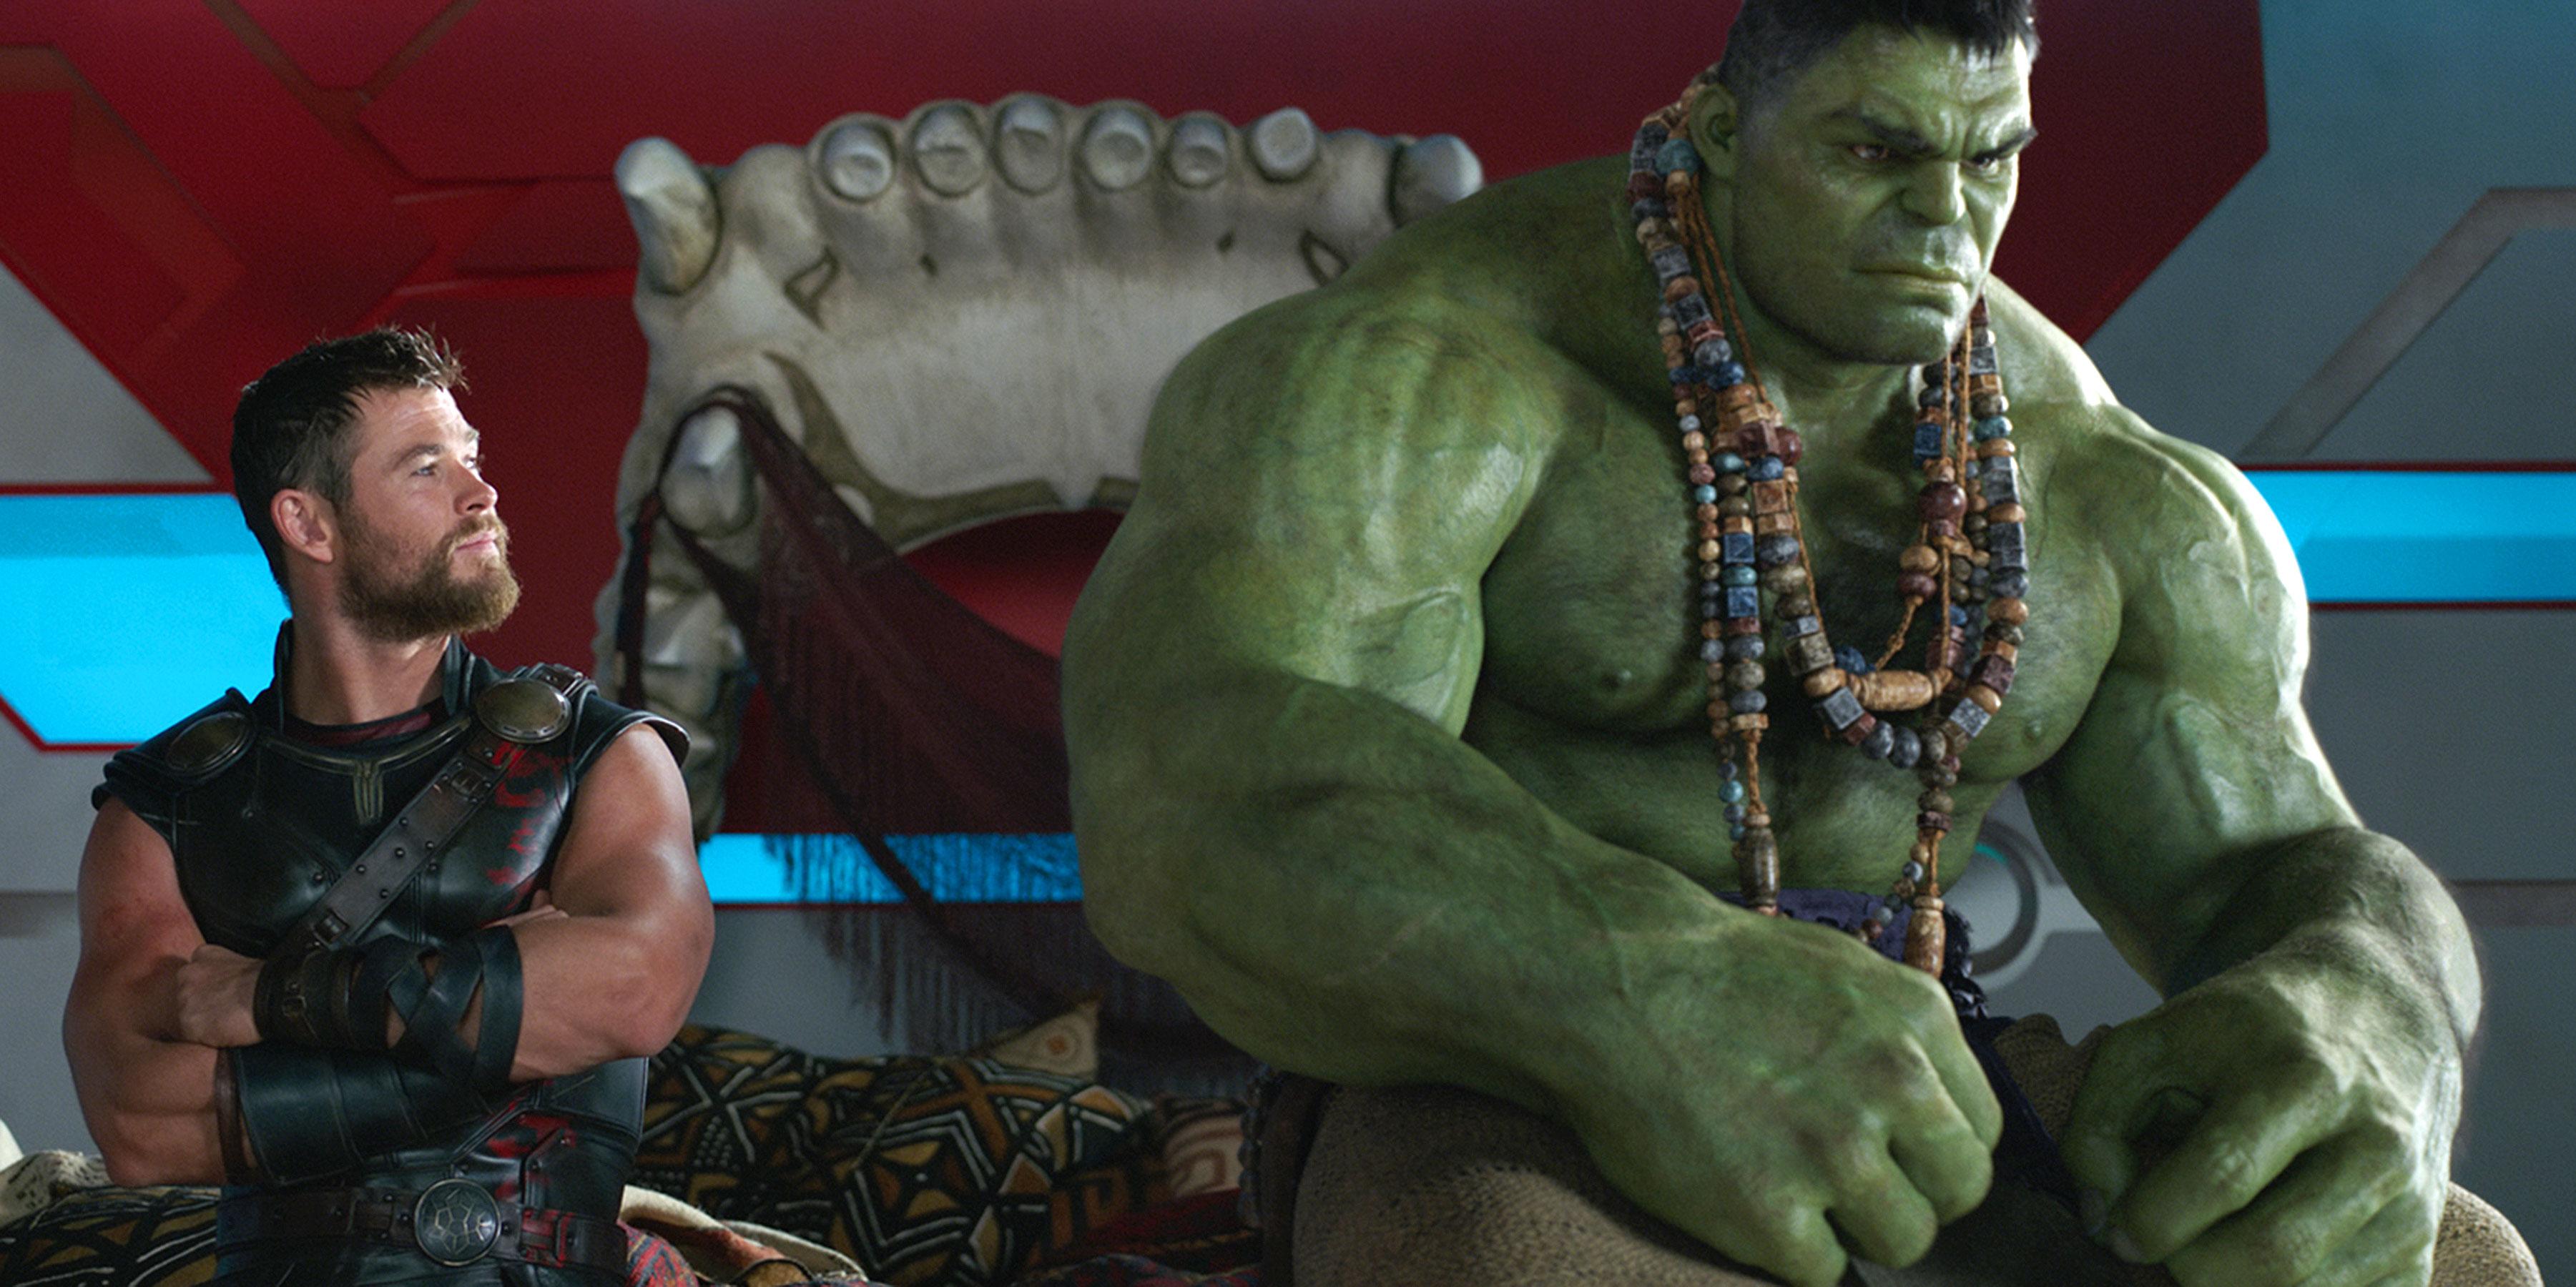 ragnarok Hulk Thor 4 Taika Waititi